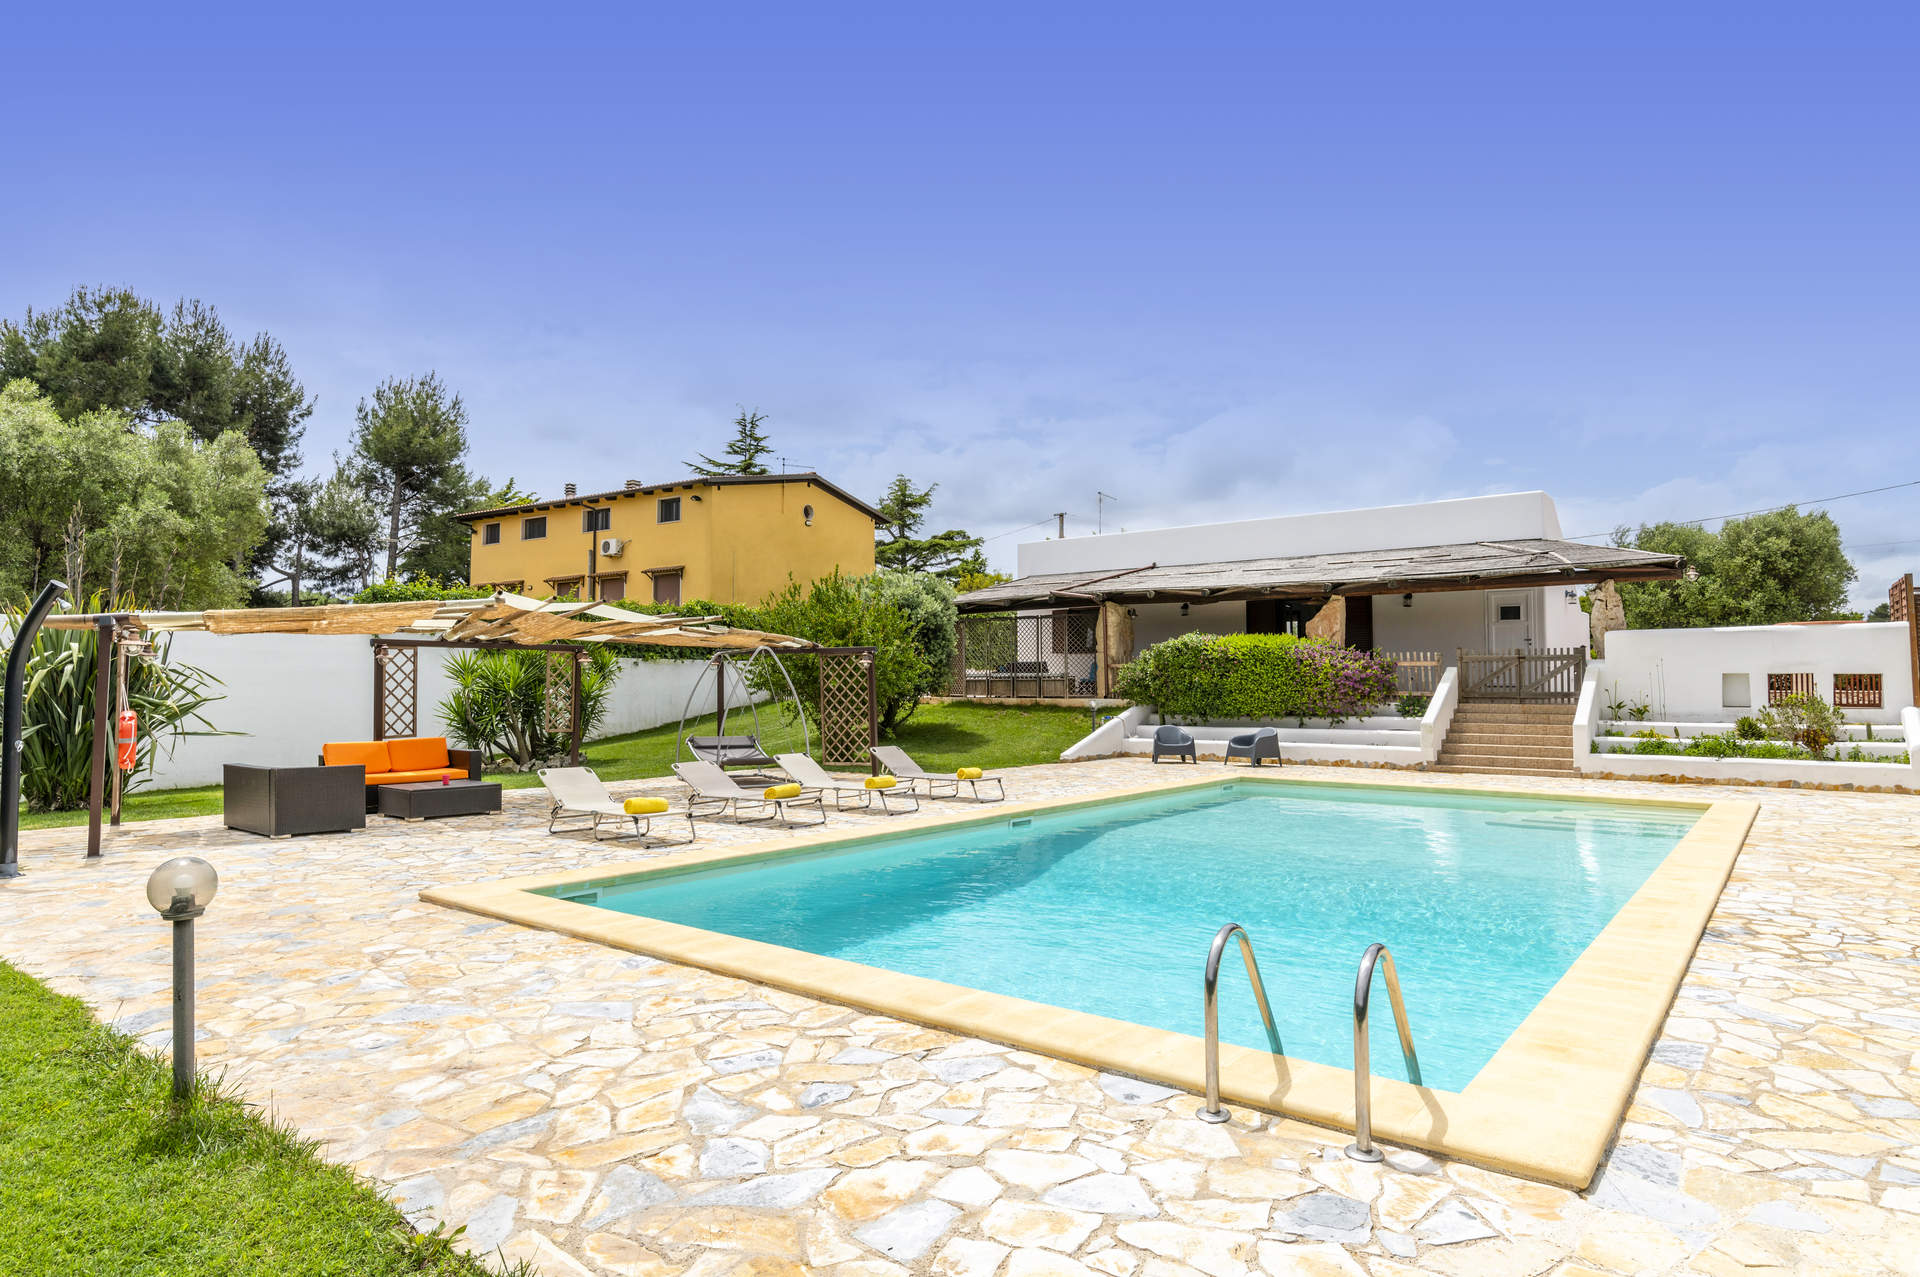 Villa Solare, San Vito dei Normanni, Puglia, Italy